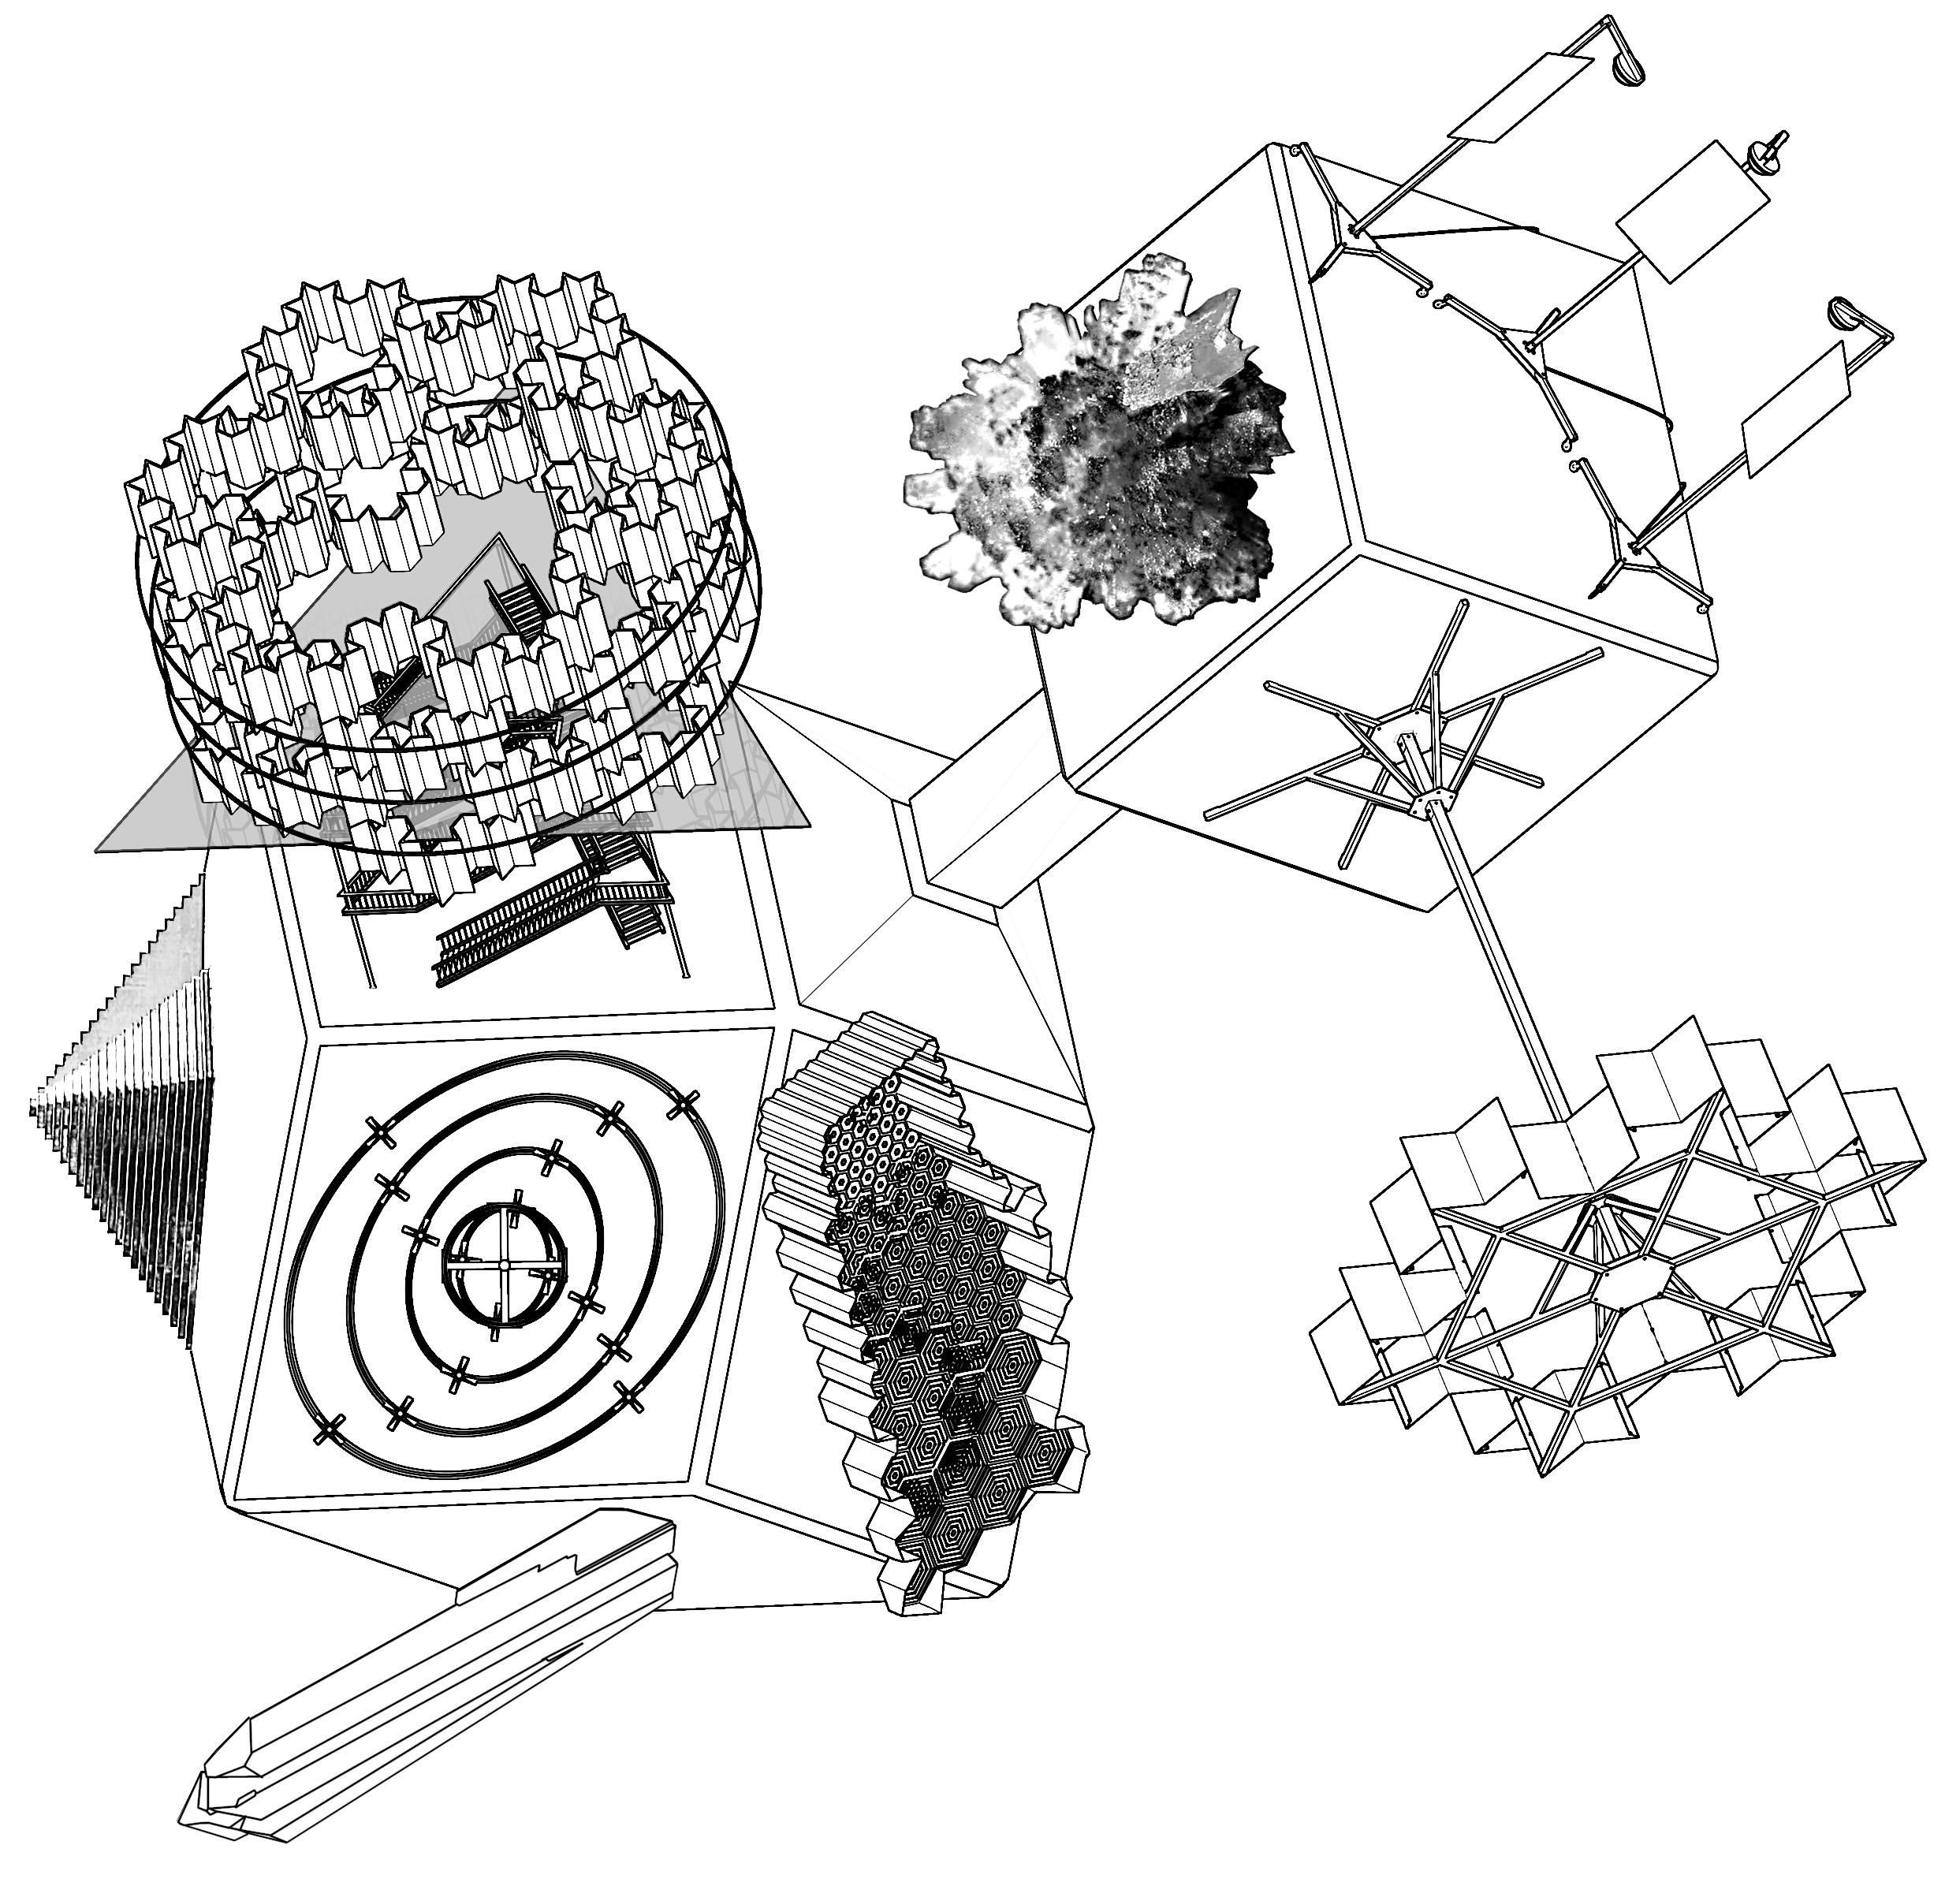 2486x2392 Matrix A Trip In Generative Art